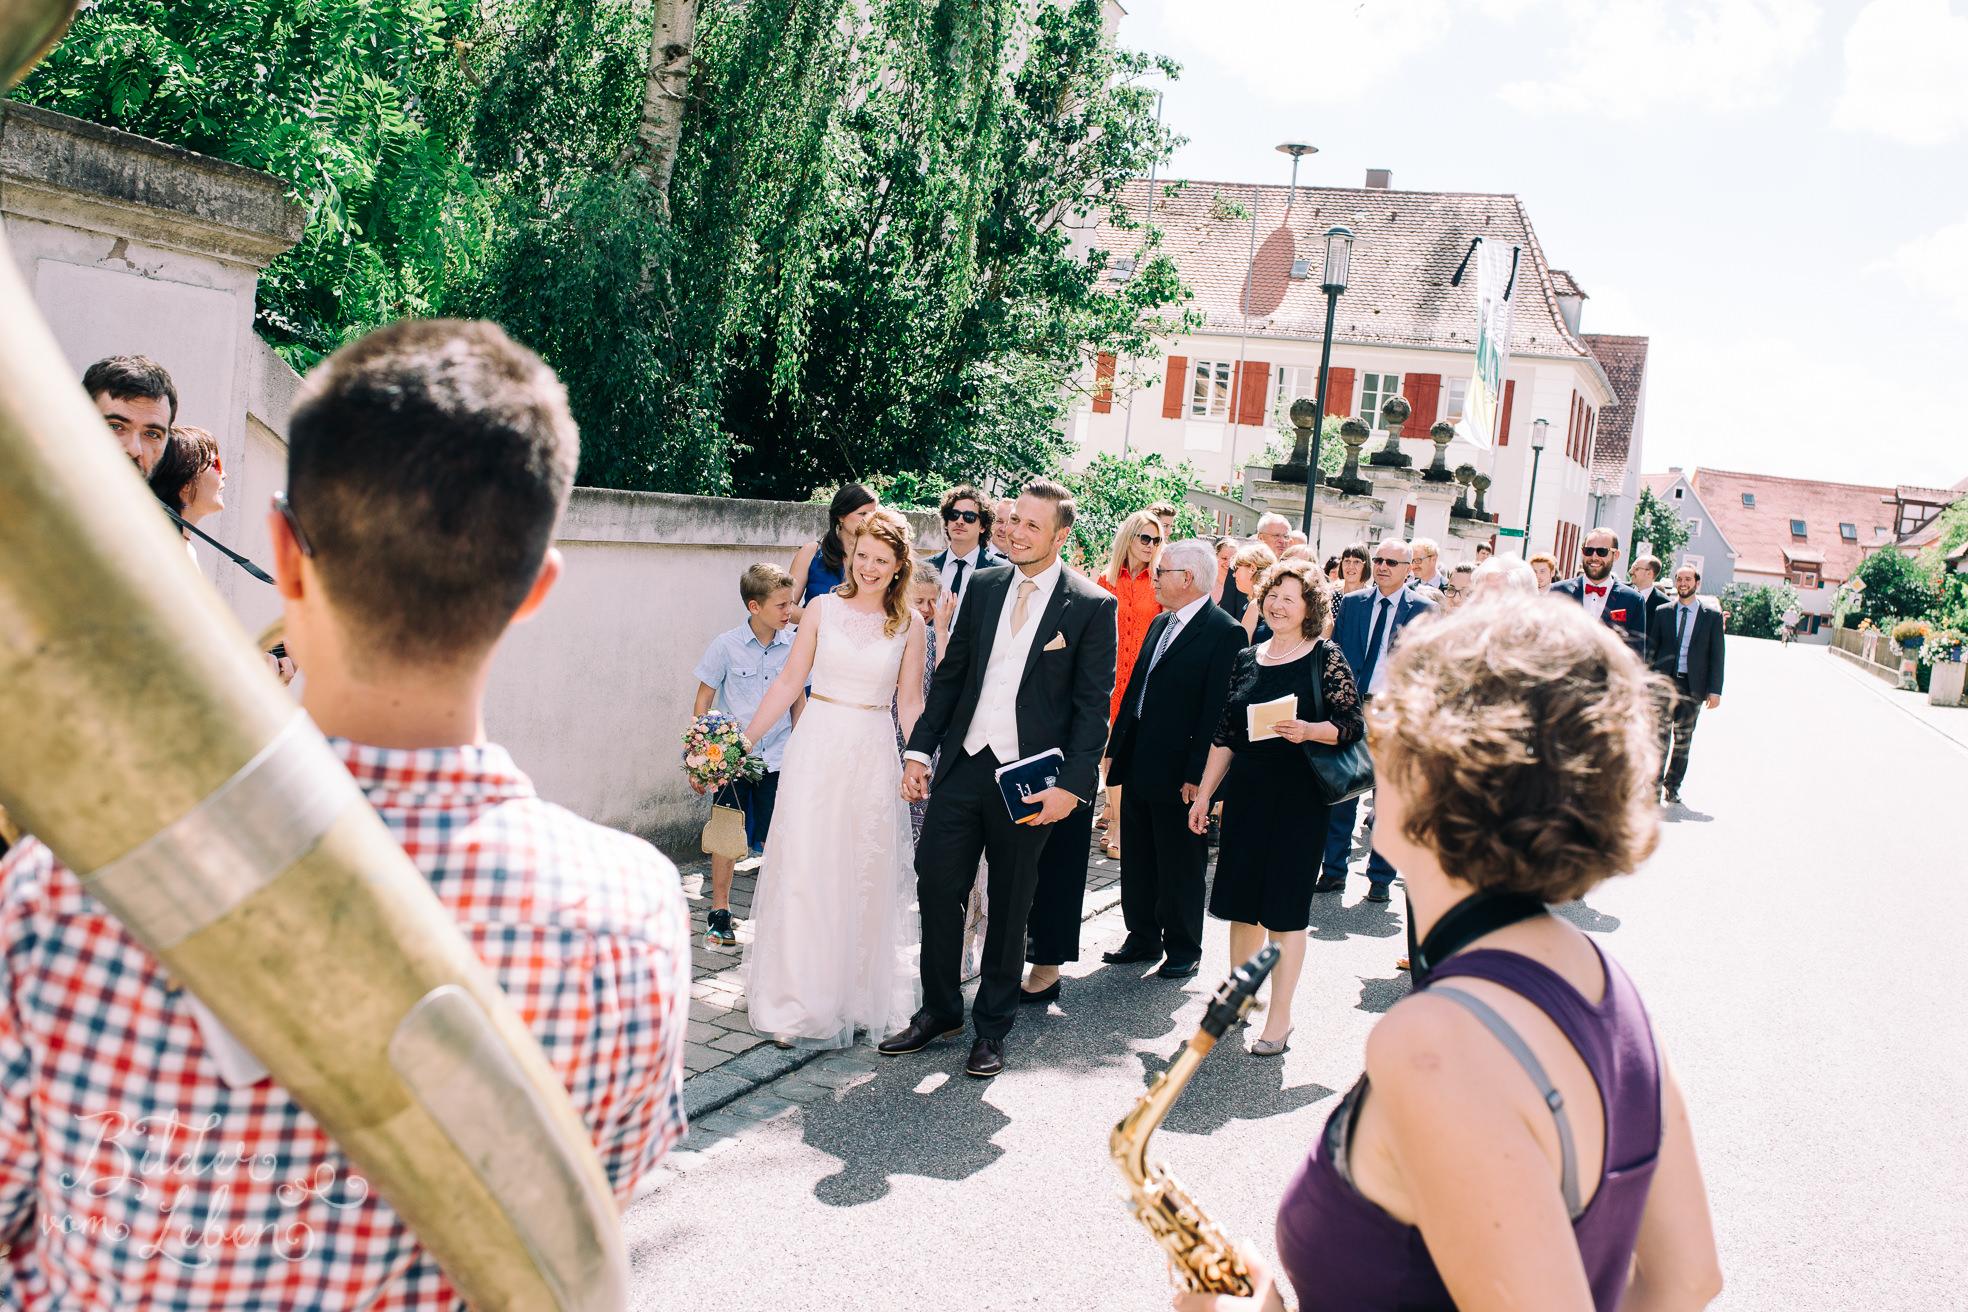 Franzi-Mike-Hochzeitsfotos-Triesdorf-IMG_1605